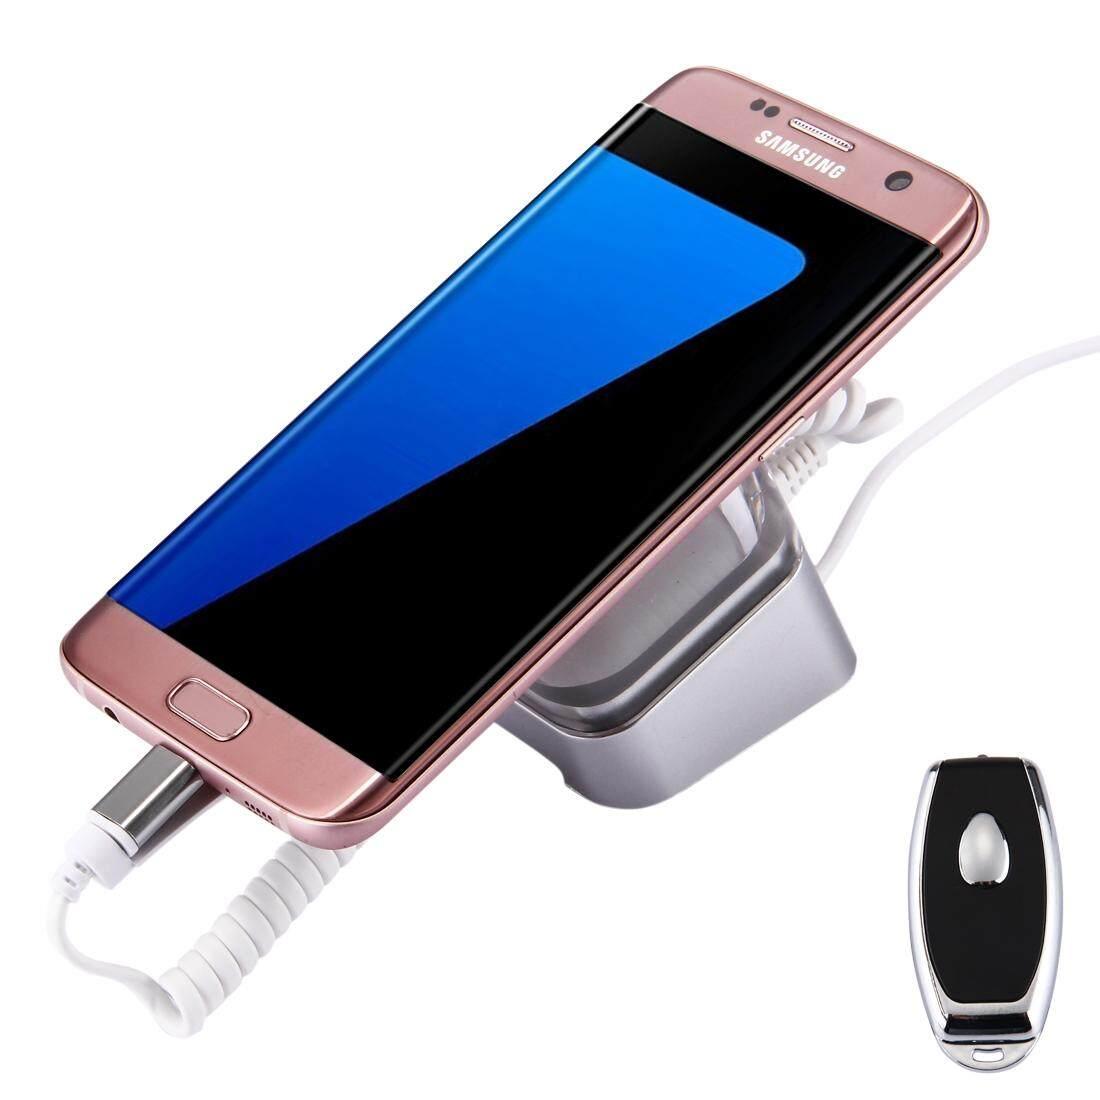 Telepon Seluler Anti Alarm Pencurian Stan Pameran dengan Pengendali Jarak Jauh untuk Samsung Galaxy, Huawei, HTC, LG, Google, xiaomi dan Smartphone dengan Mikro USB Port-Intl